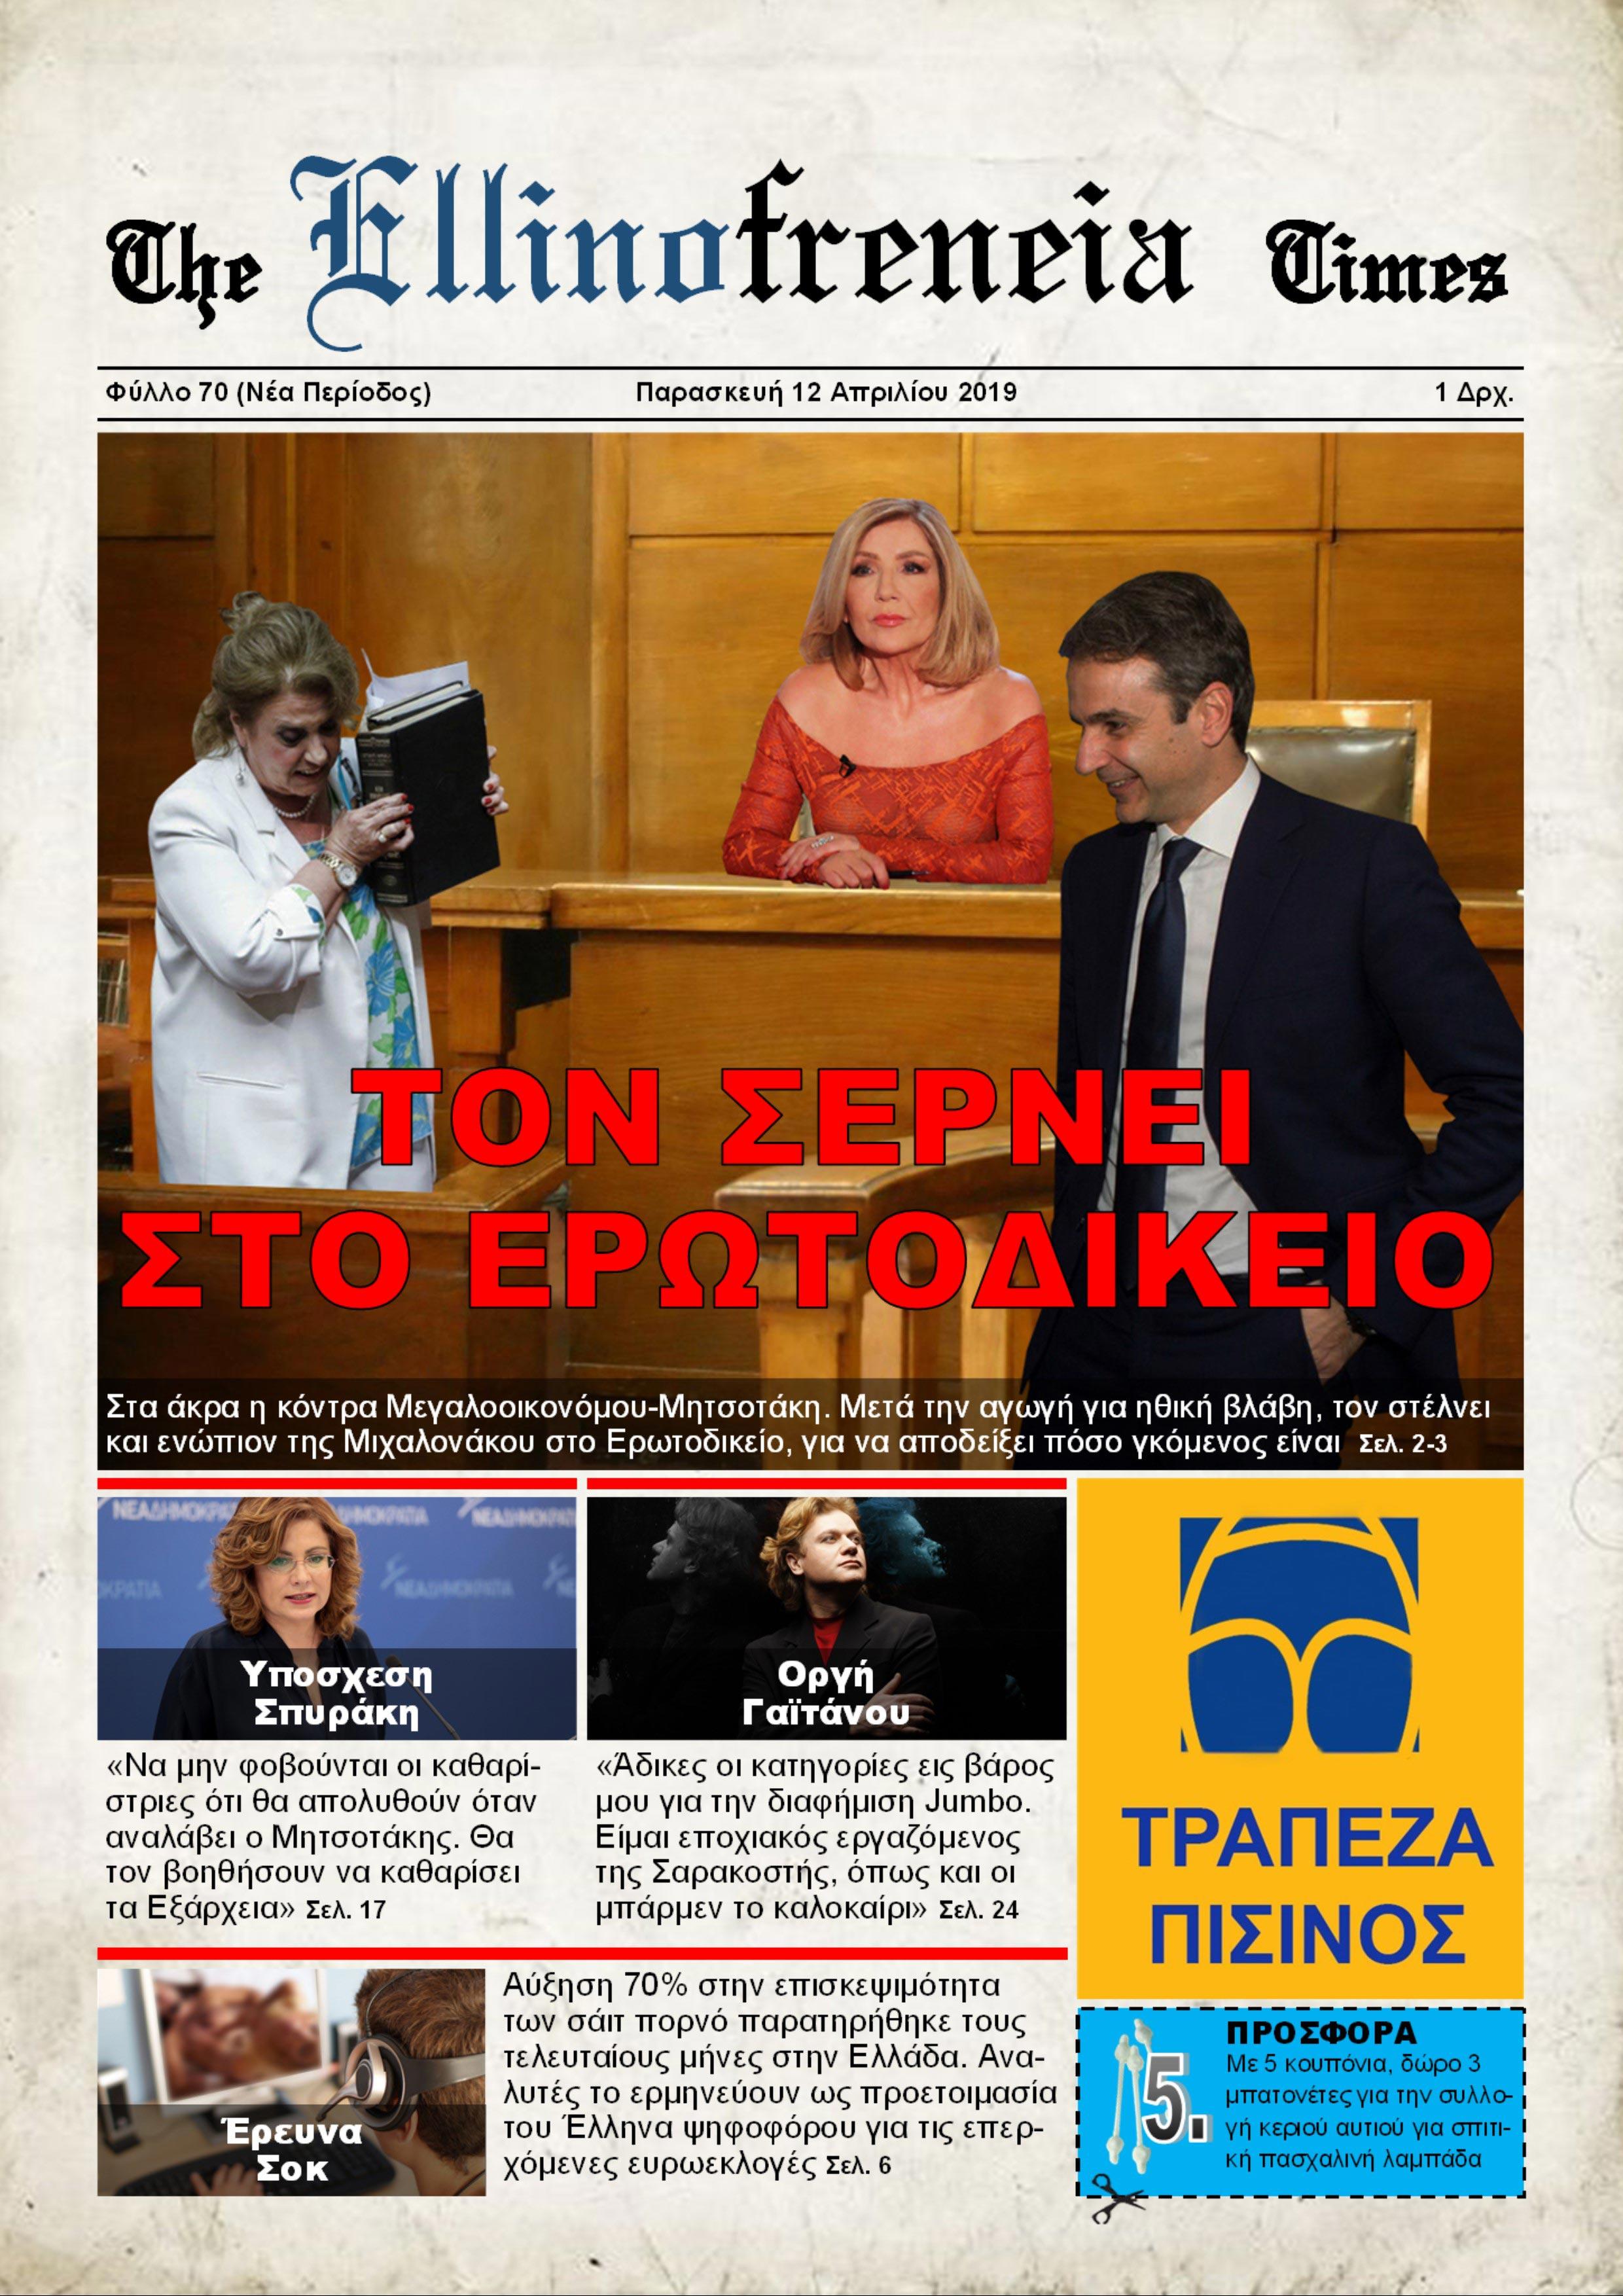 Εφημερίδα, Μητσοτάκης, Μεγαλοοικονόμου, Σπυράκη